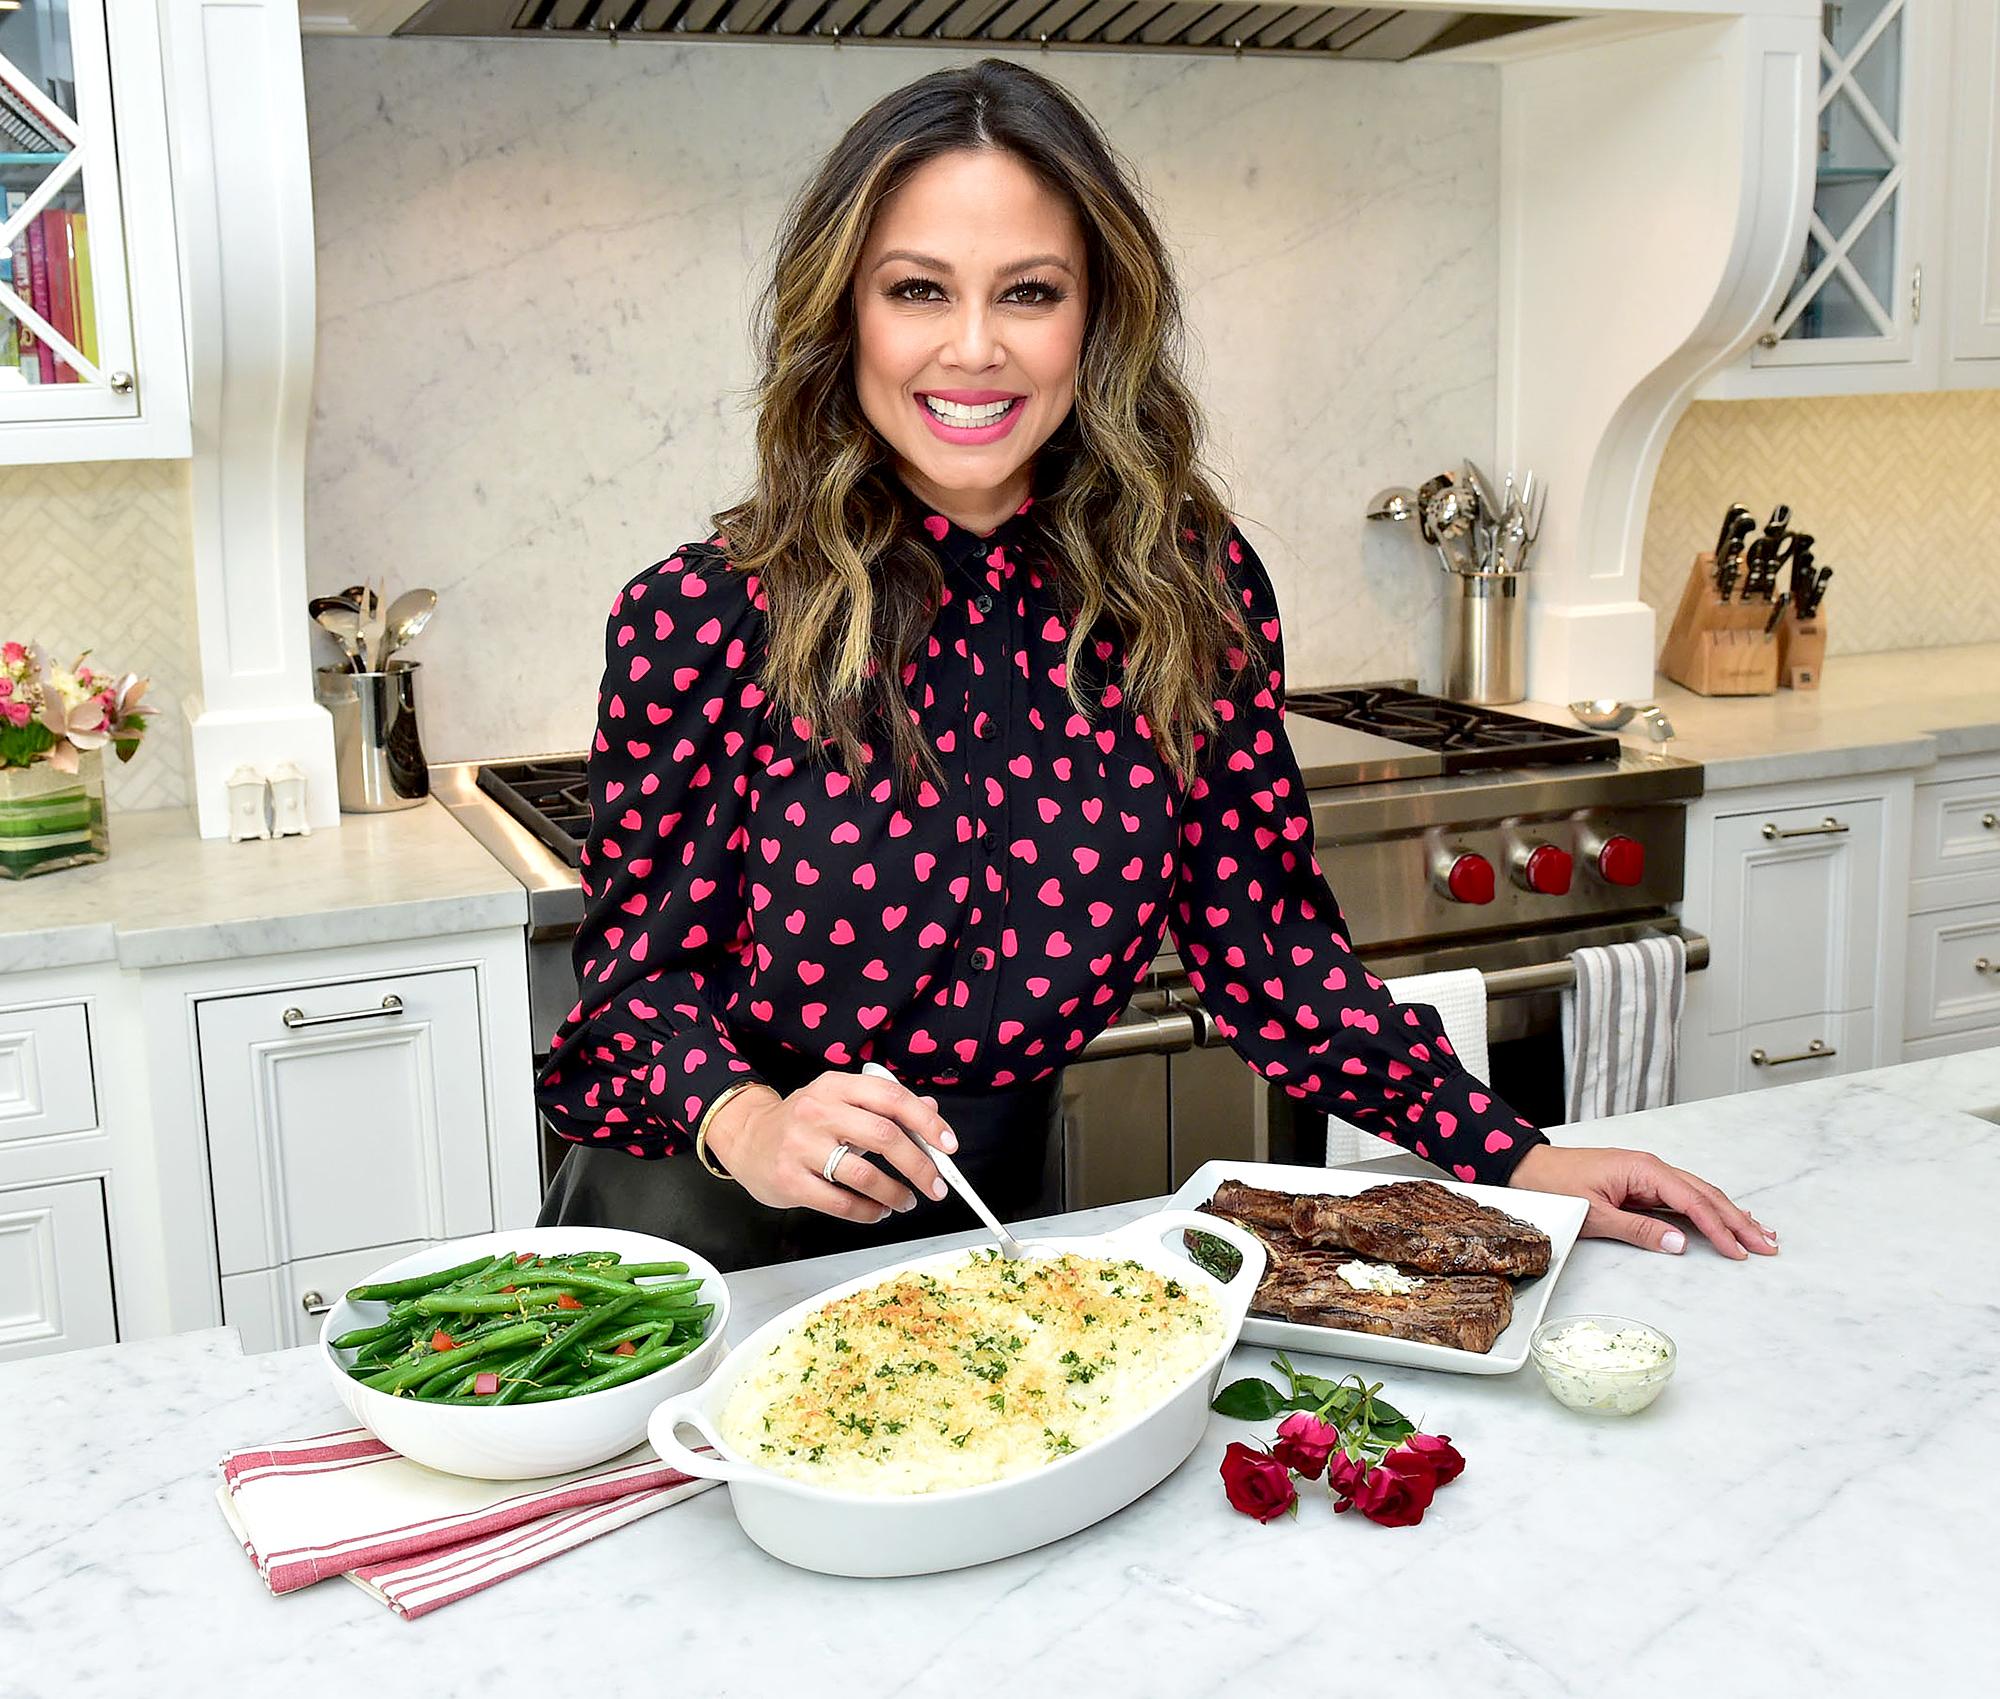 Vanessa-Lachey-bob-evans-recipes - Vanessa Lachey